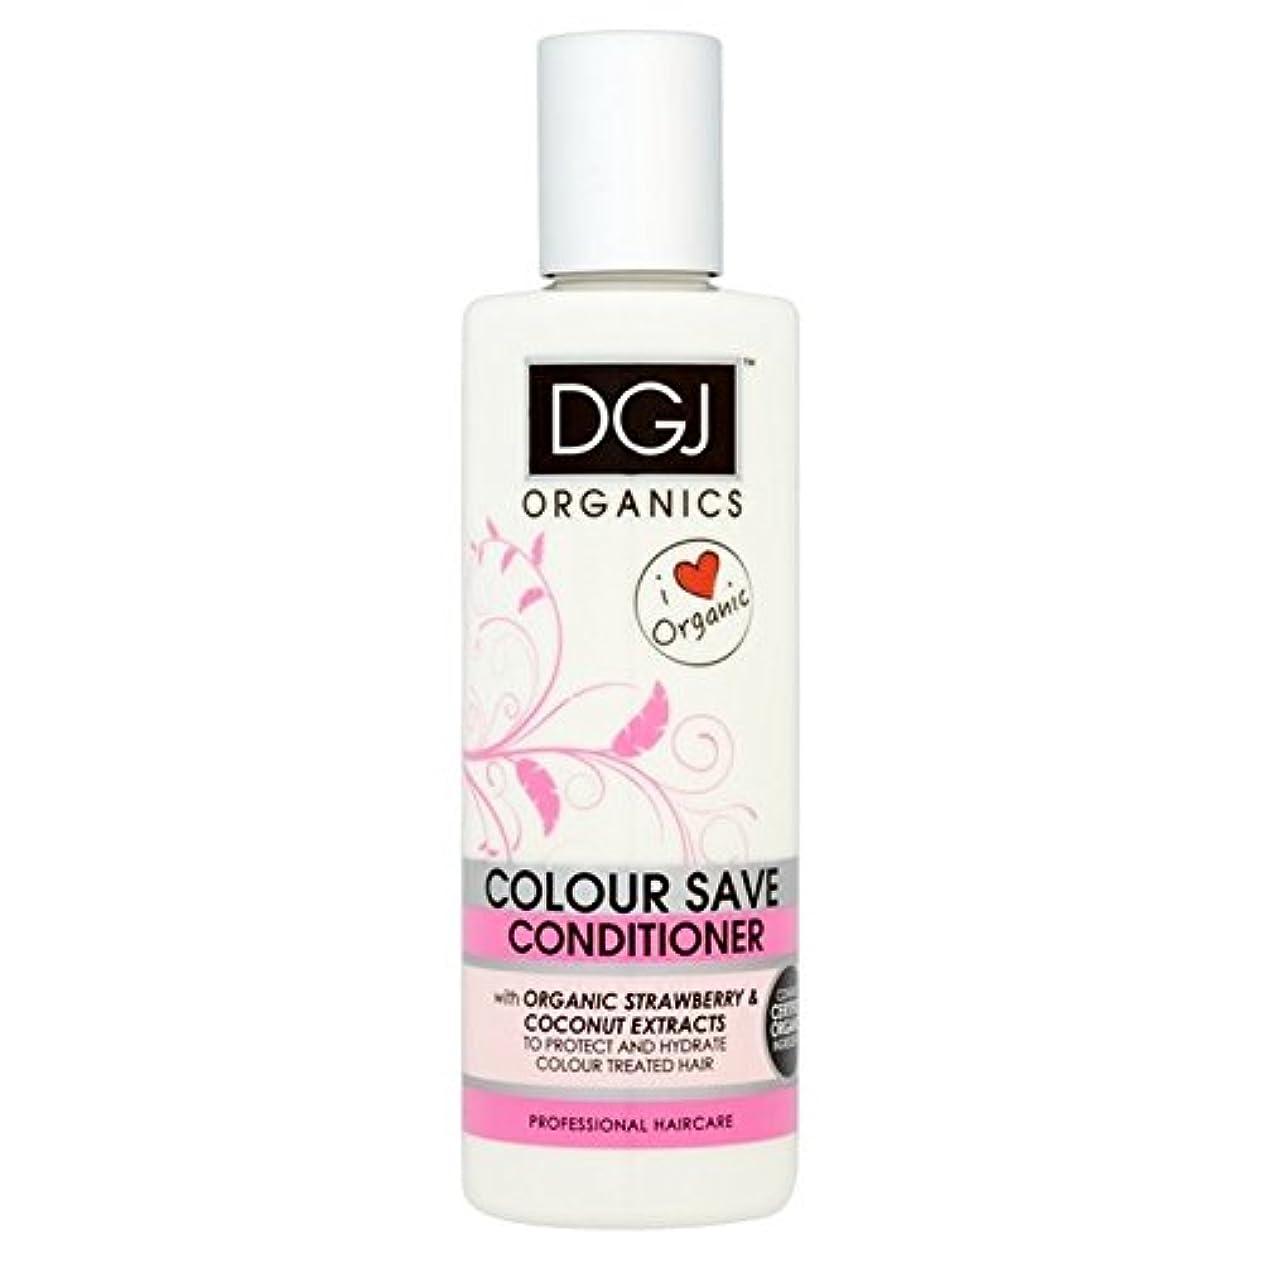 異議塩怒る有機物の色コンディショナー250を保存 x2 - DGJ Organics Colour Save Conditioner 250ml (Pack of 2) [並行輸入品]